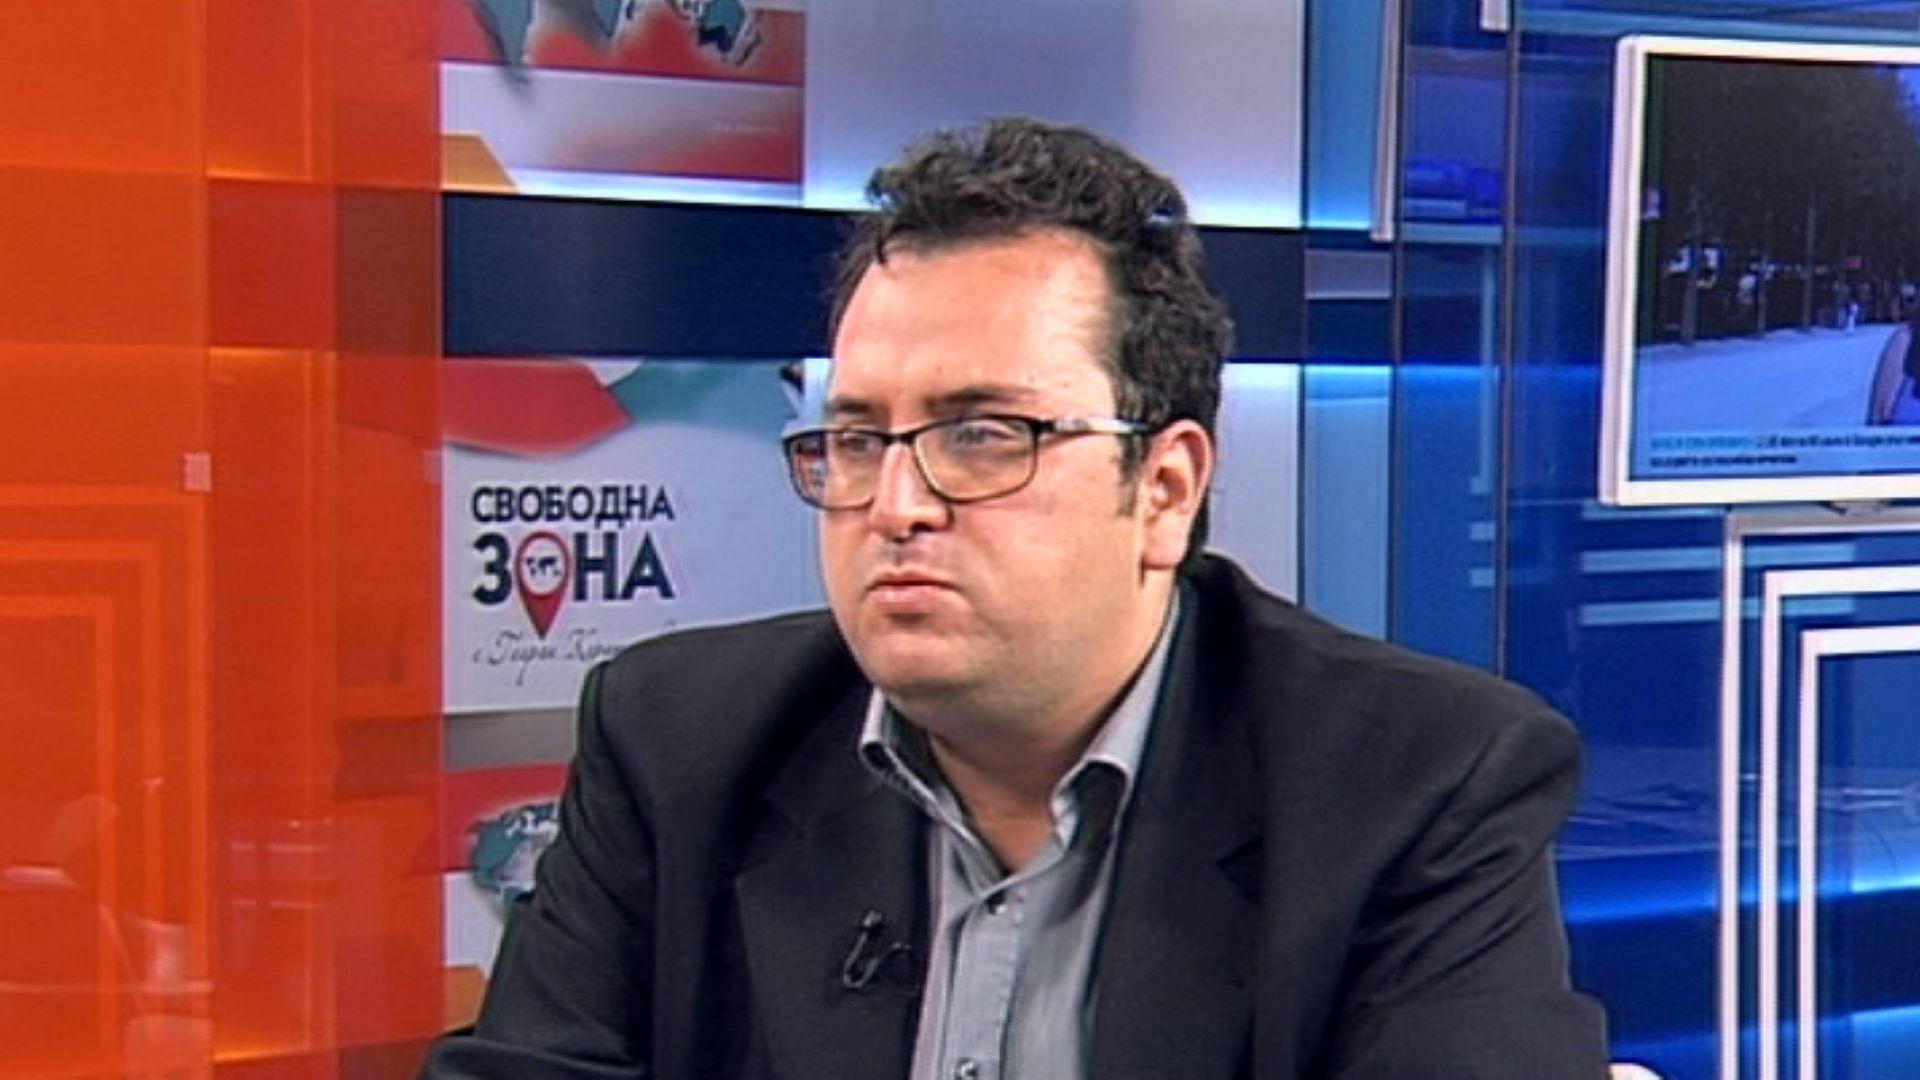 Юристът Християн Митев от квотата на НФСБ е гласен за